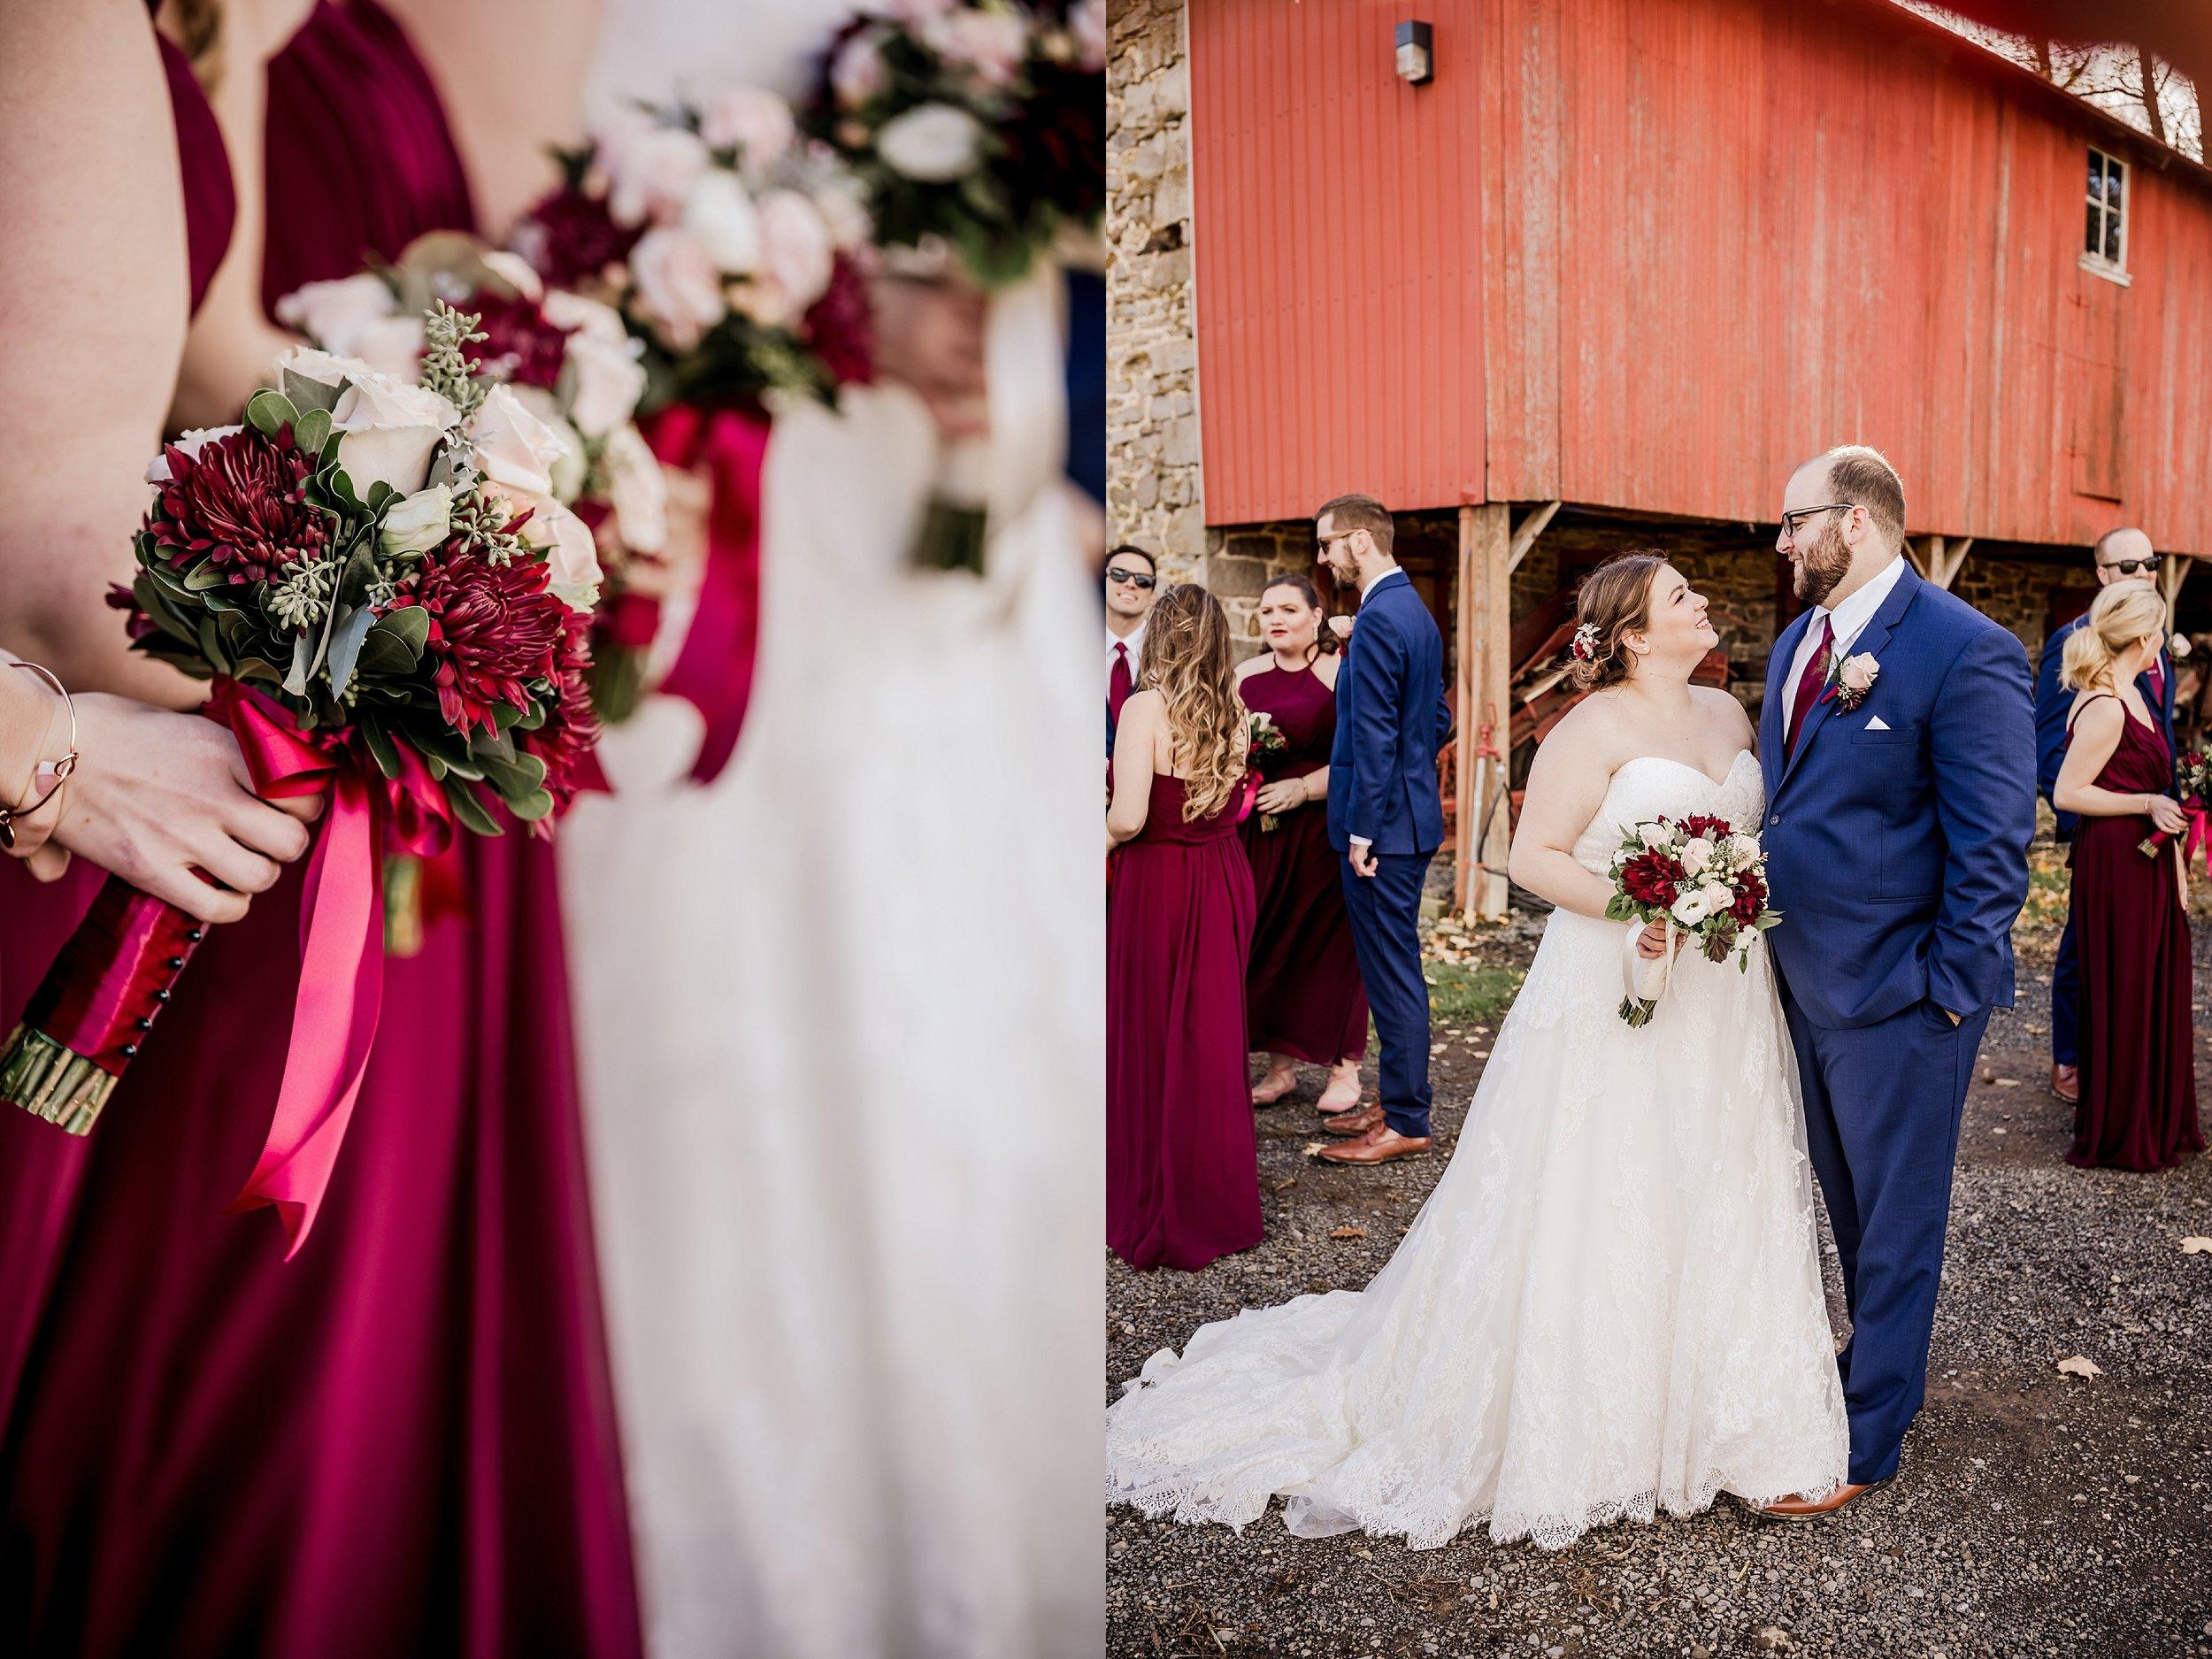 Savidge-Farms-Wedding-Photographer_0045.jpg